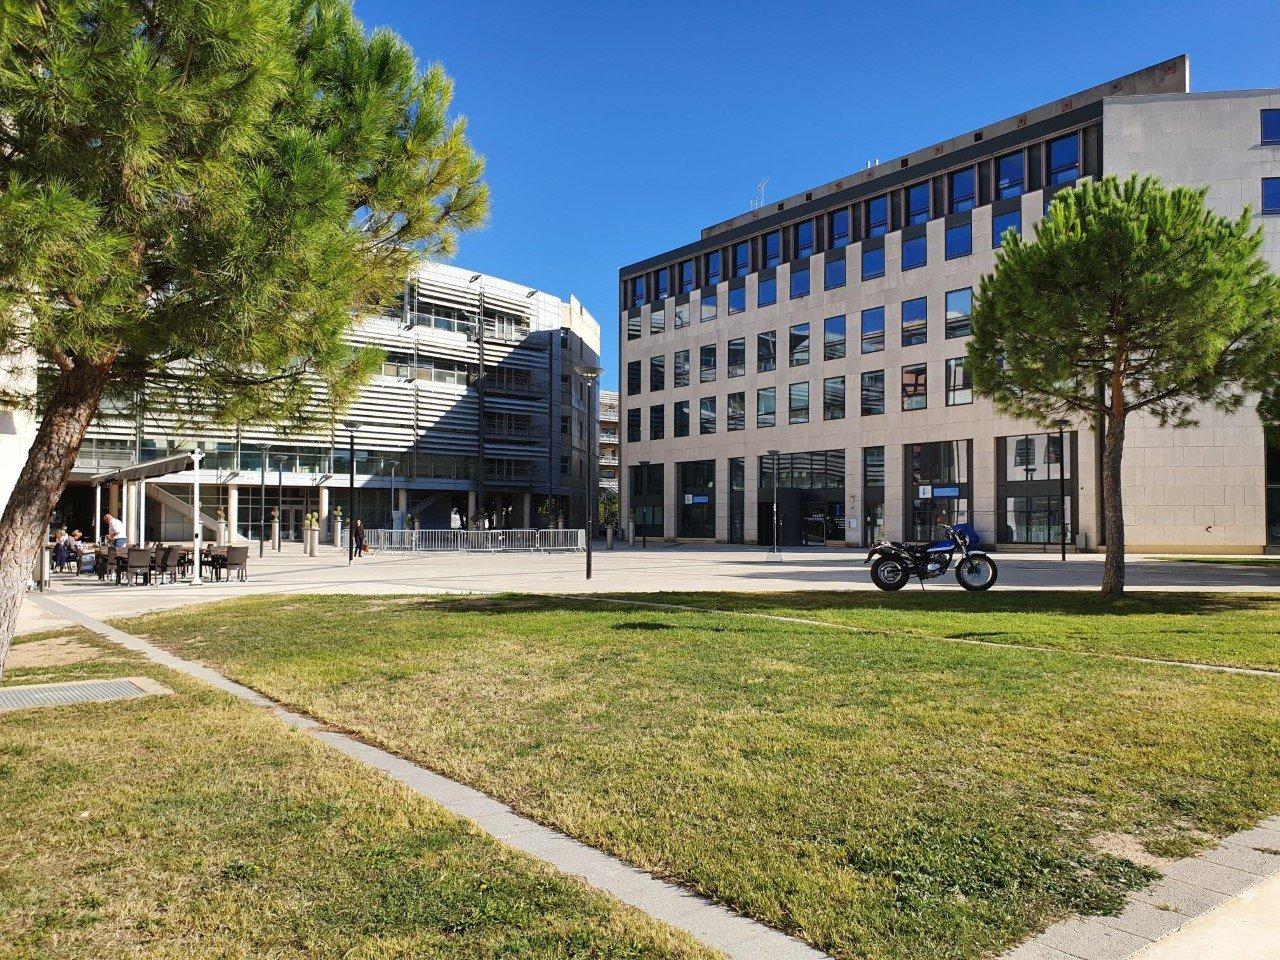 Dpt Hérault (34), à vendre MONTPELLIER secteur RICHTER , affaire a saisir ,restauration rapide RICHTER